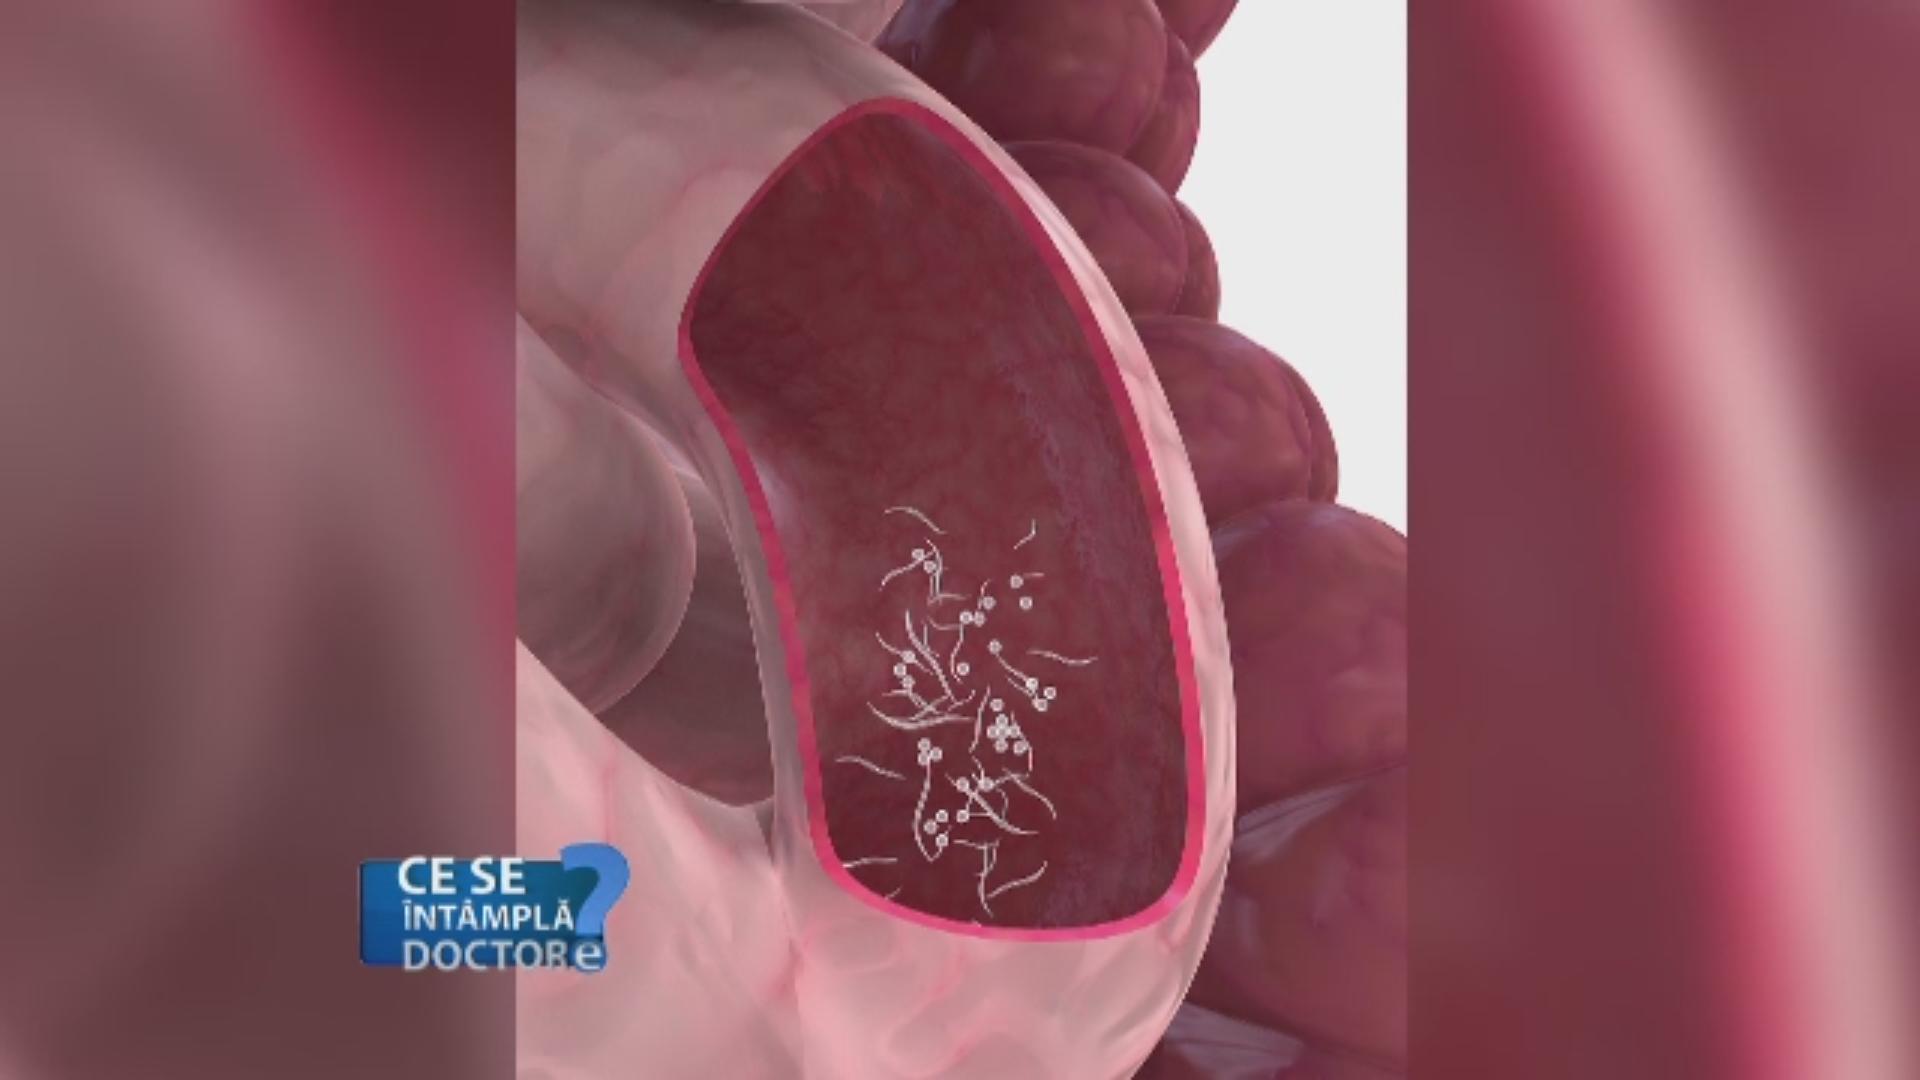 papillomavirus in warts)